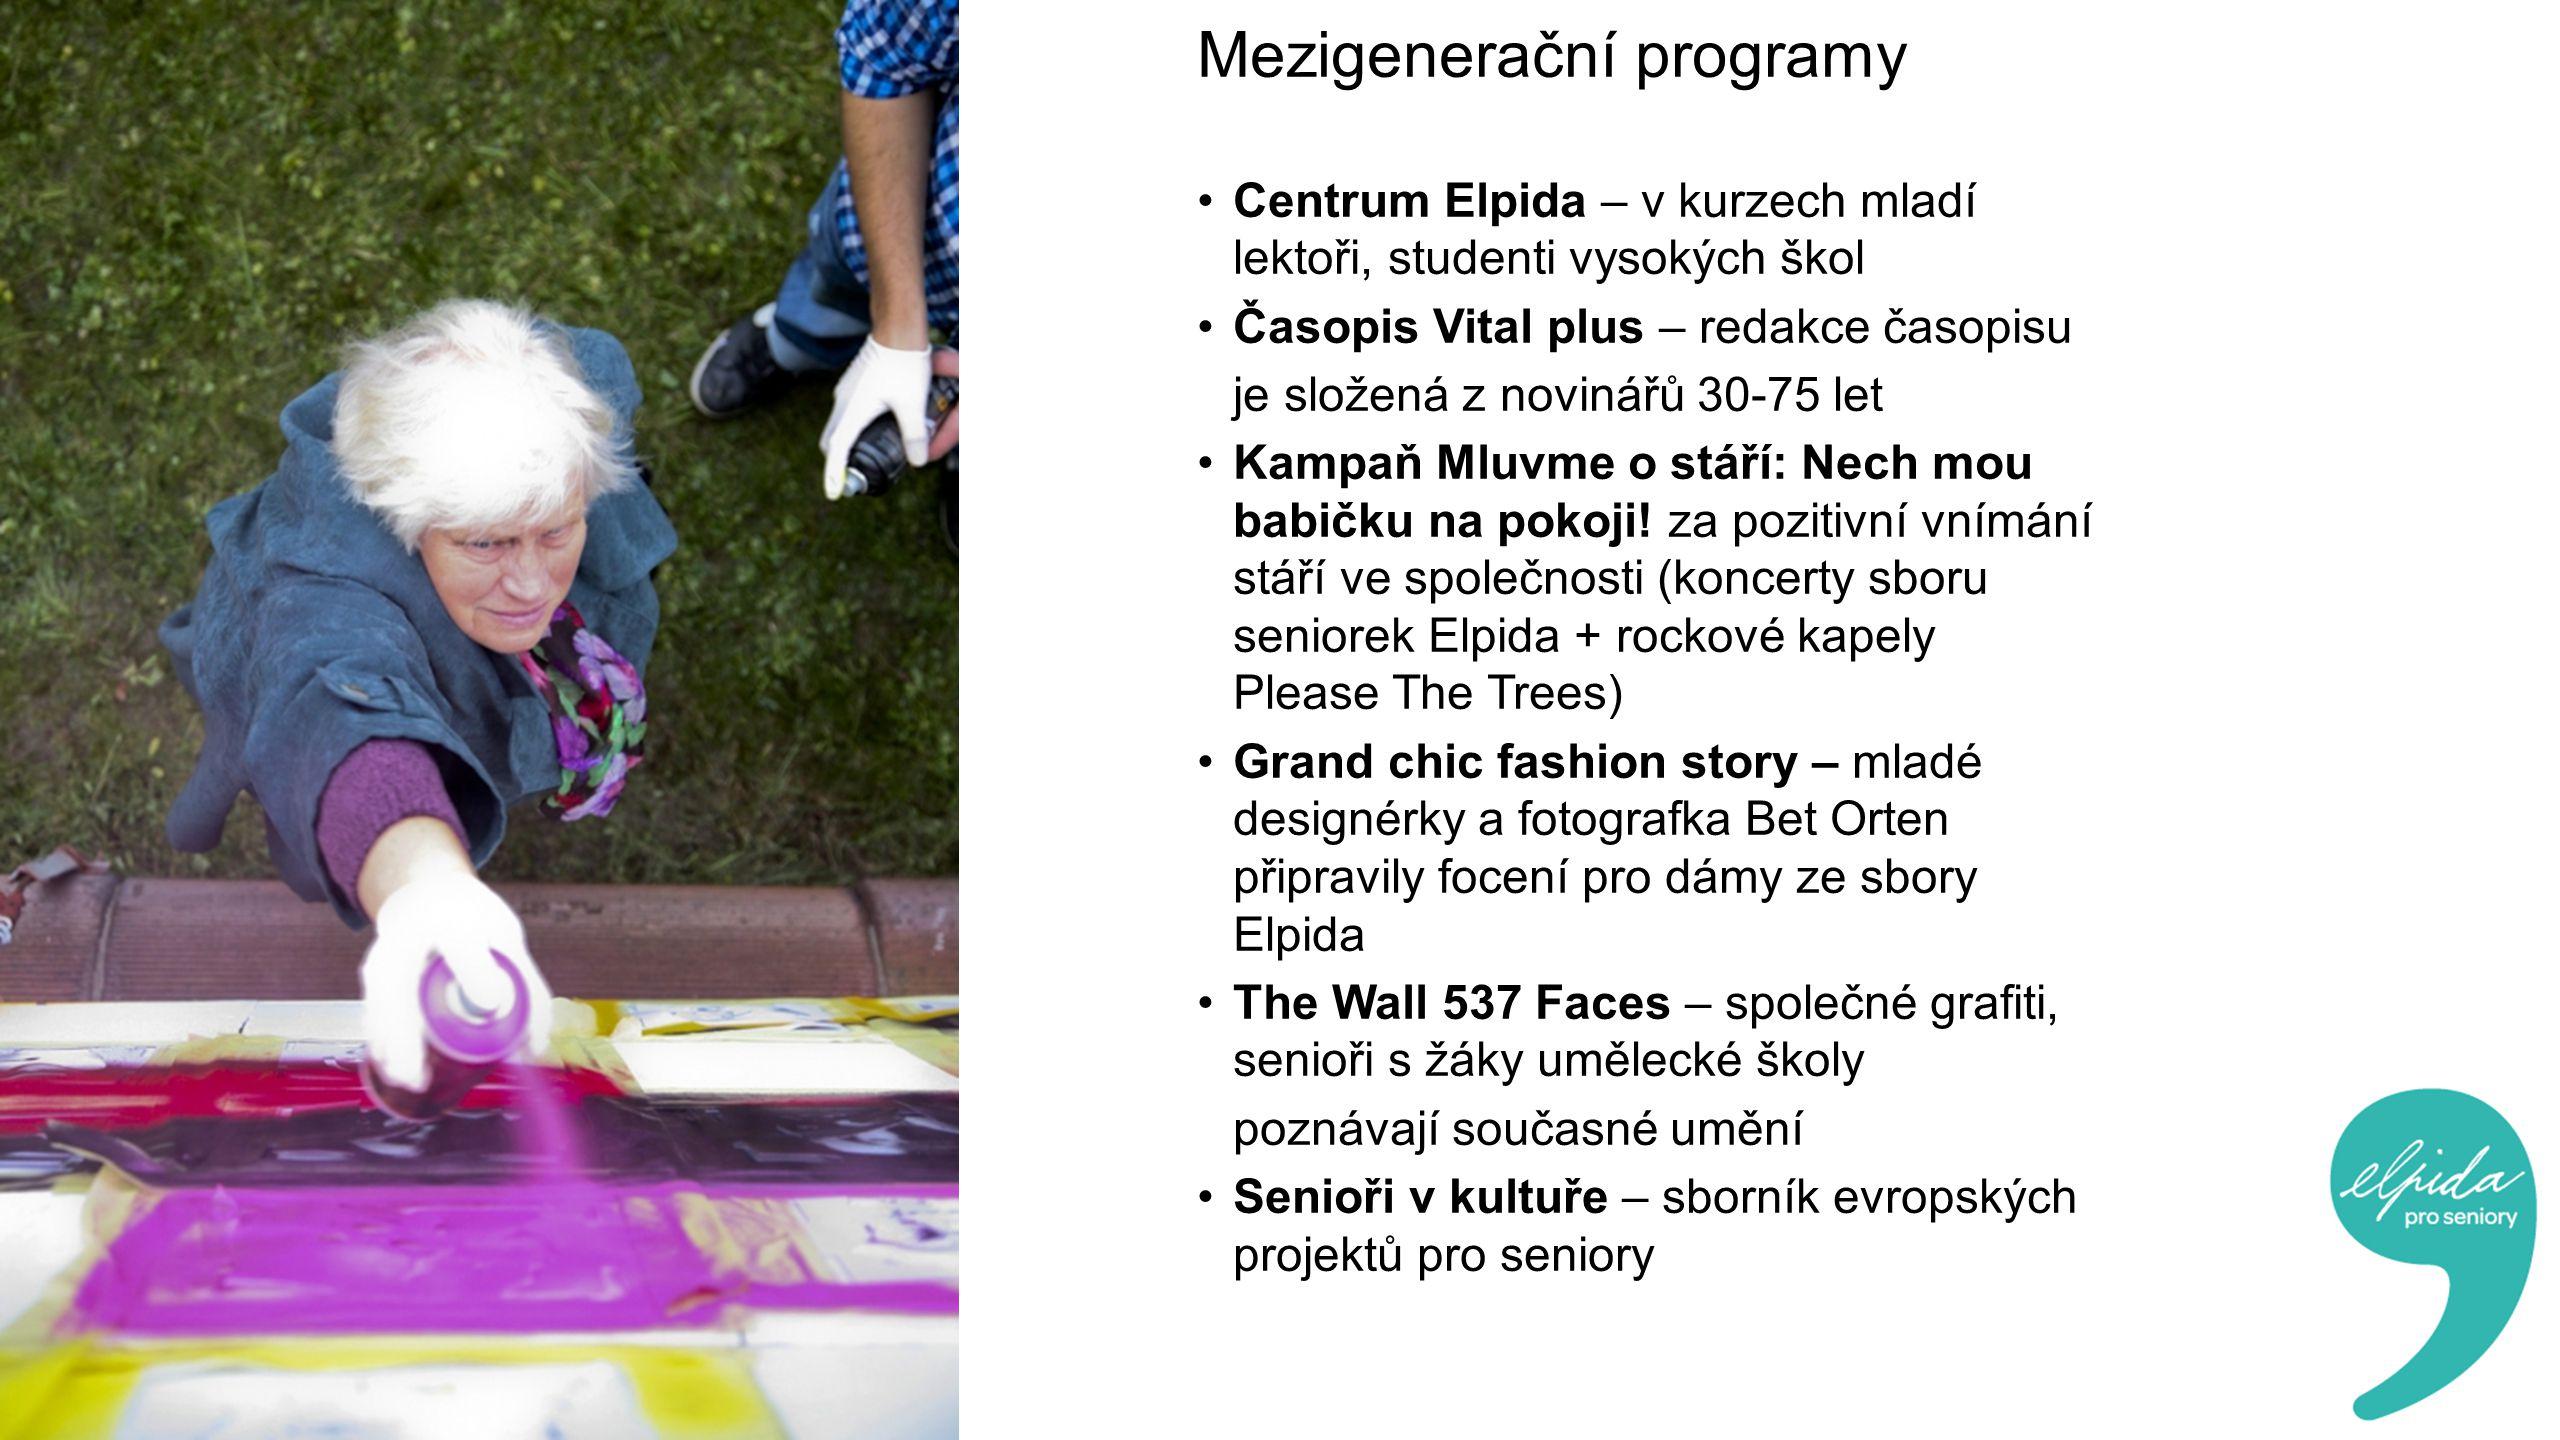 Mezigenerační programy Centrum Elpida – v kurzech mladí lektoři, studenti vysokých škol Časopis Vital plus – redakce časopisu je složená z novinářů 30-75 let Kampaň Mluvme o stáří: Nech mou babičku na pokoji.